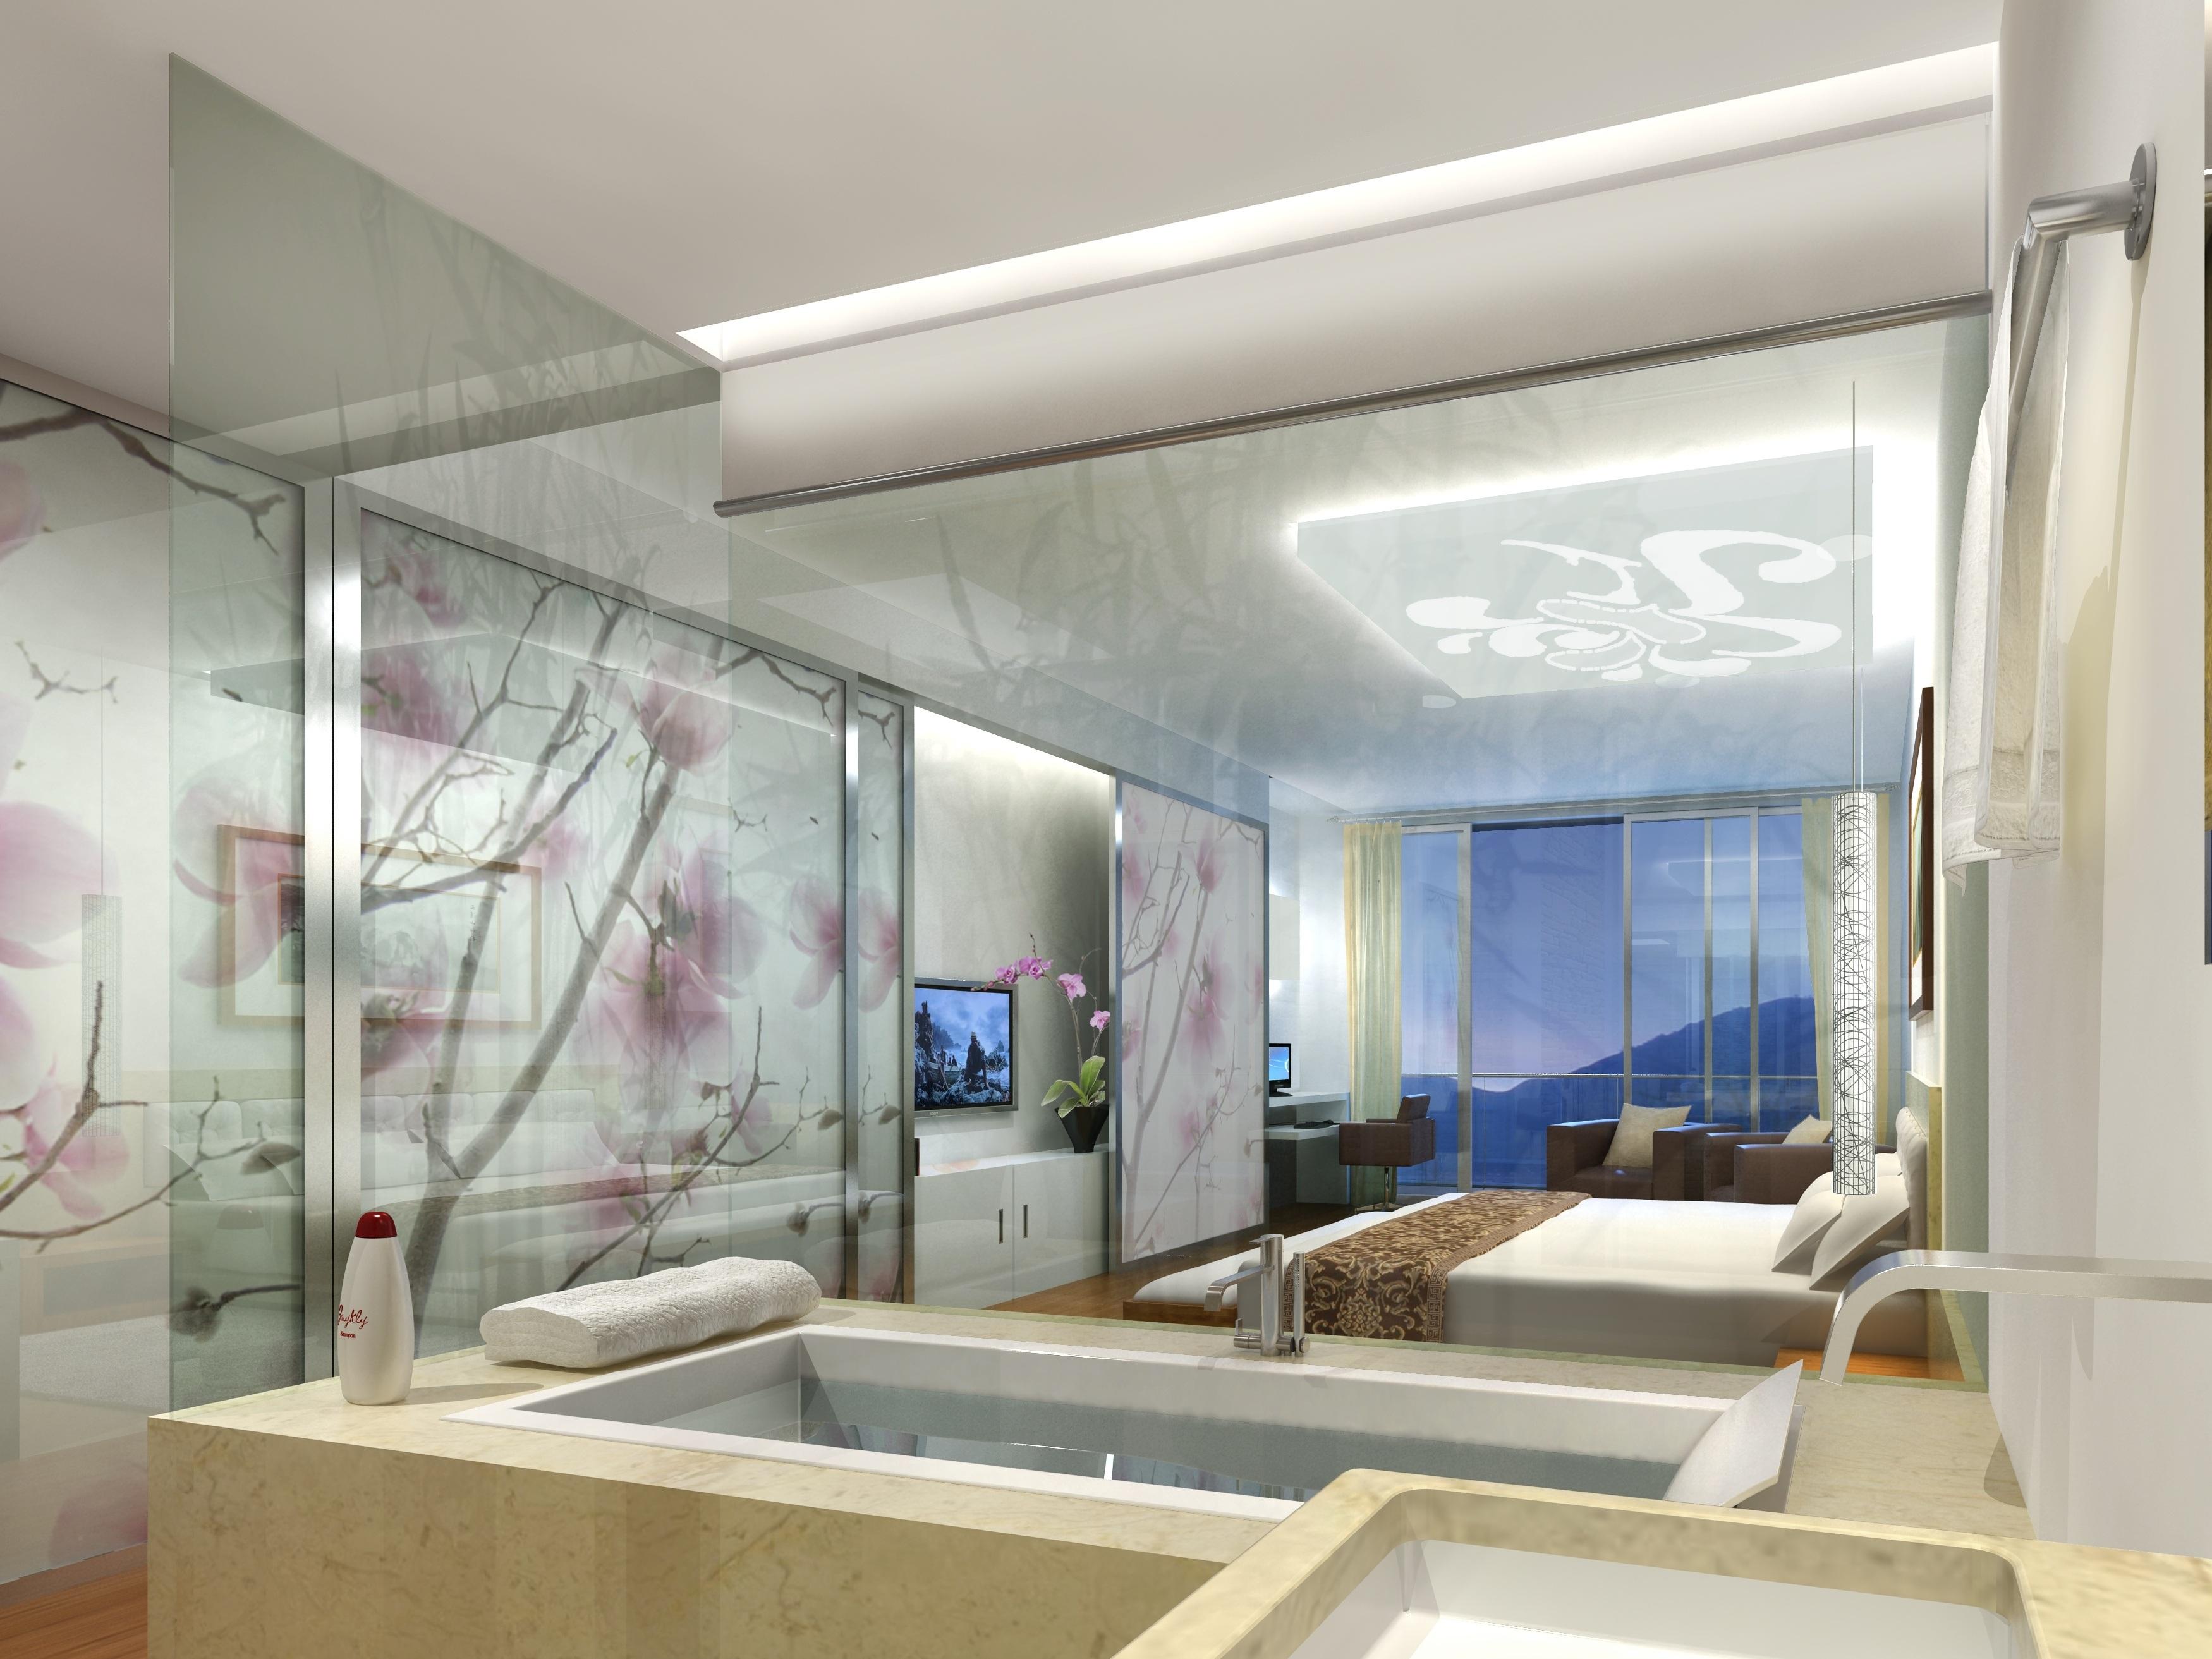 Landscape Architecture Interior Building Ceiling Property Room Interior  Design Design Hotel Condominium Visualization Cgi Rendering Visualization